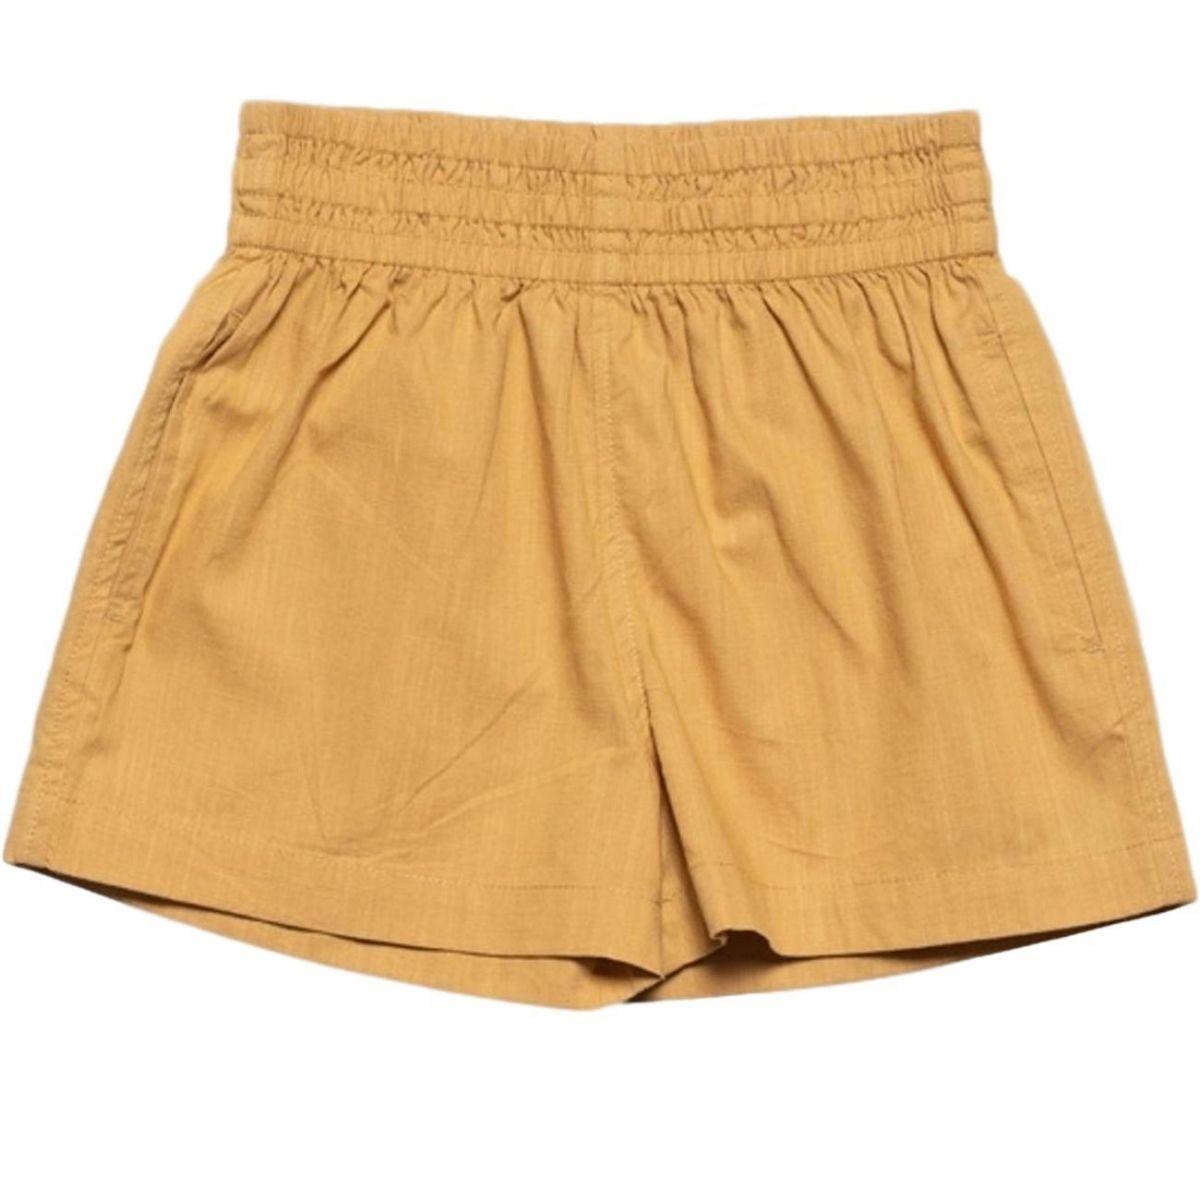 Wynken - Ubiquity Short  yellow - 1